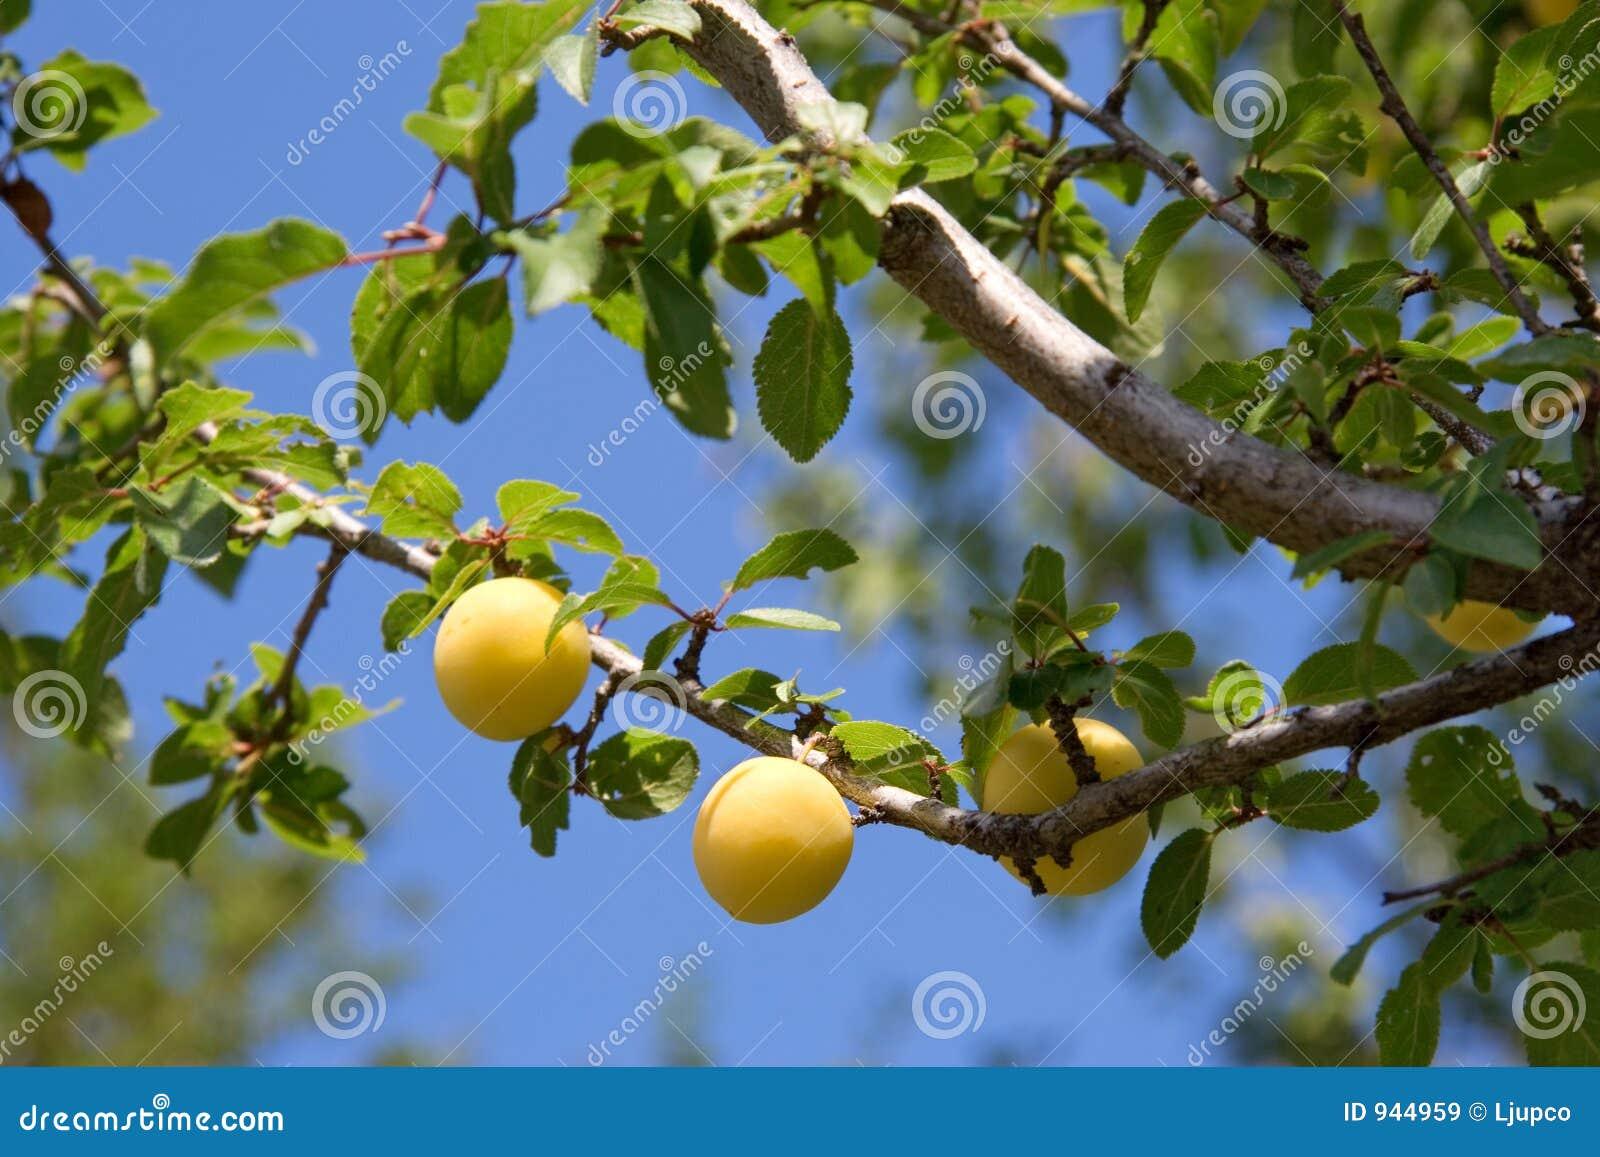 Immagini stock libere da diritti: albero di prugna giallo